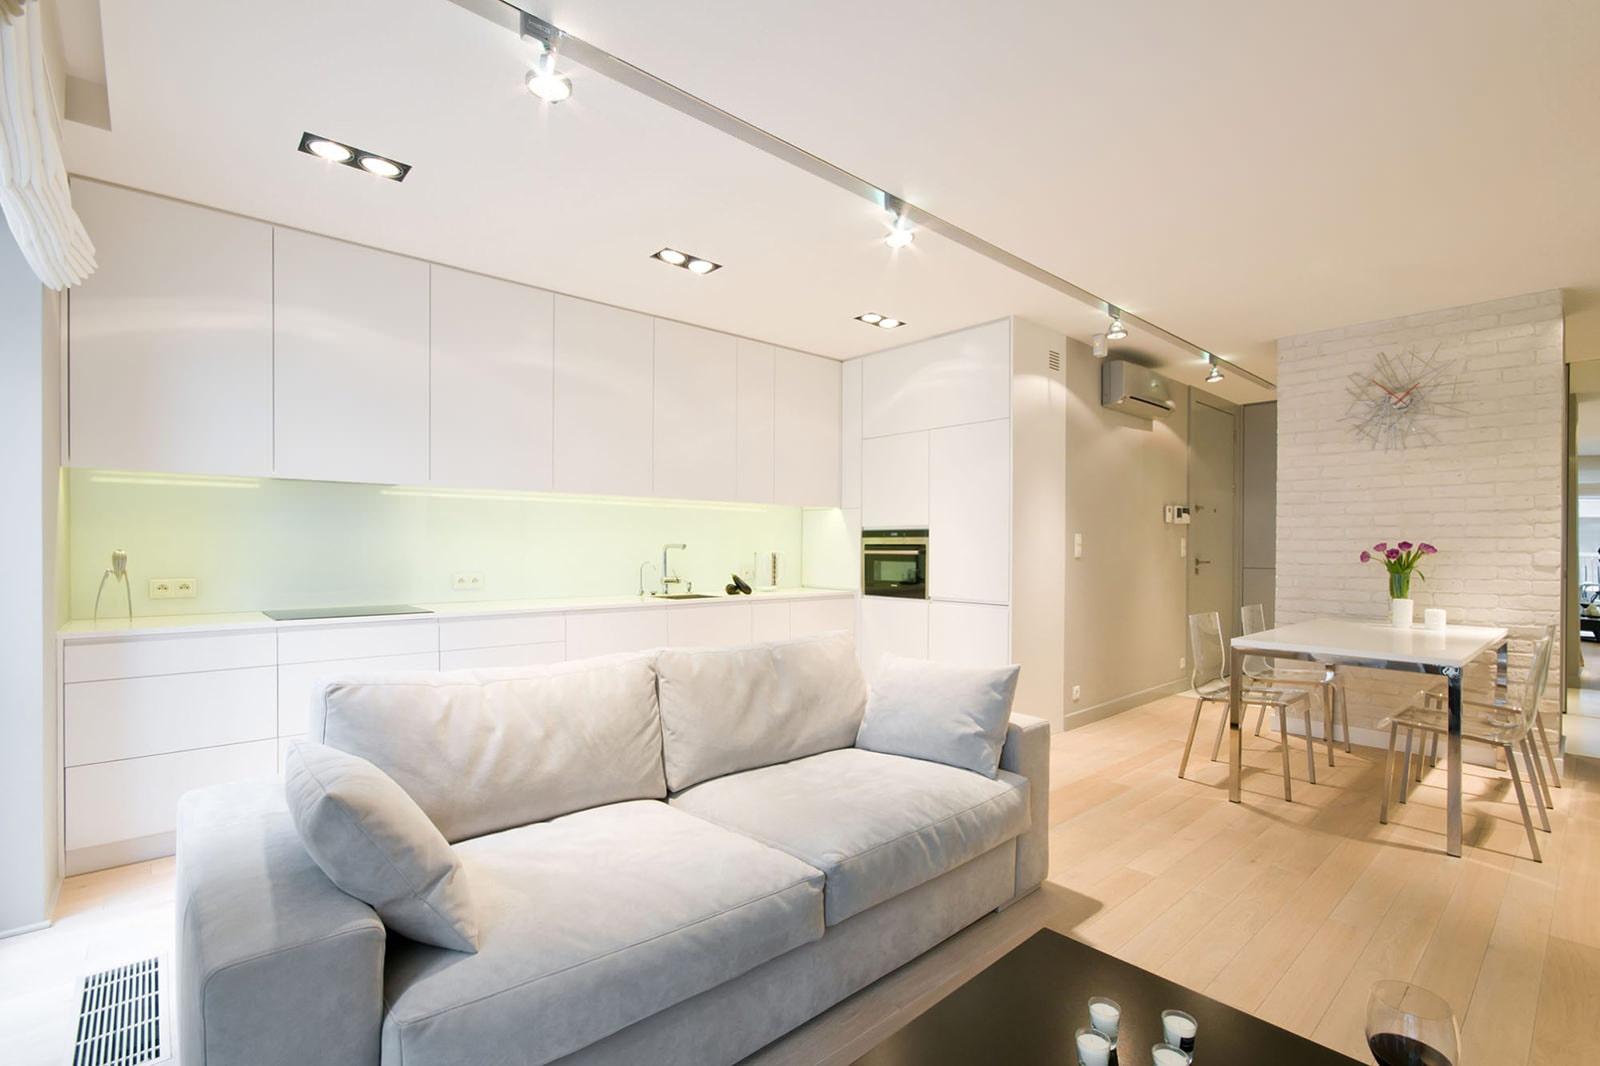 Квартира в светлых тонах. Дизайн интерьер квартиры Фото дизайн квартир в светлых тонах